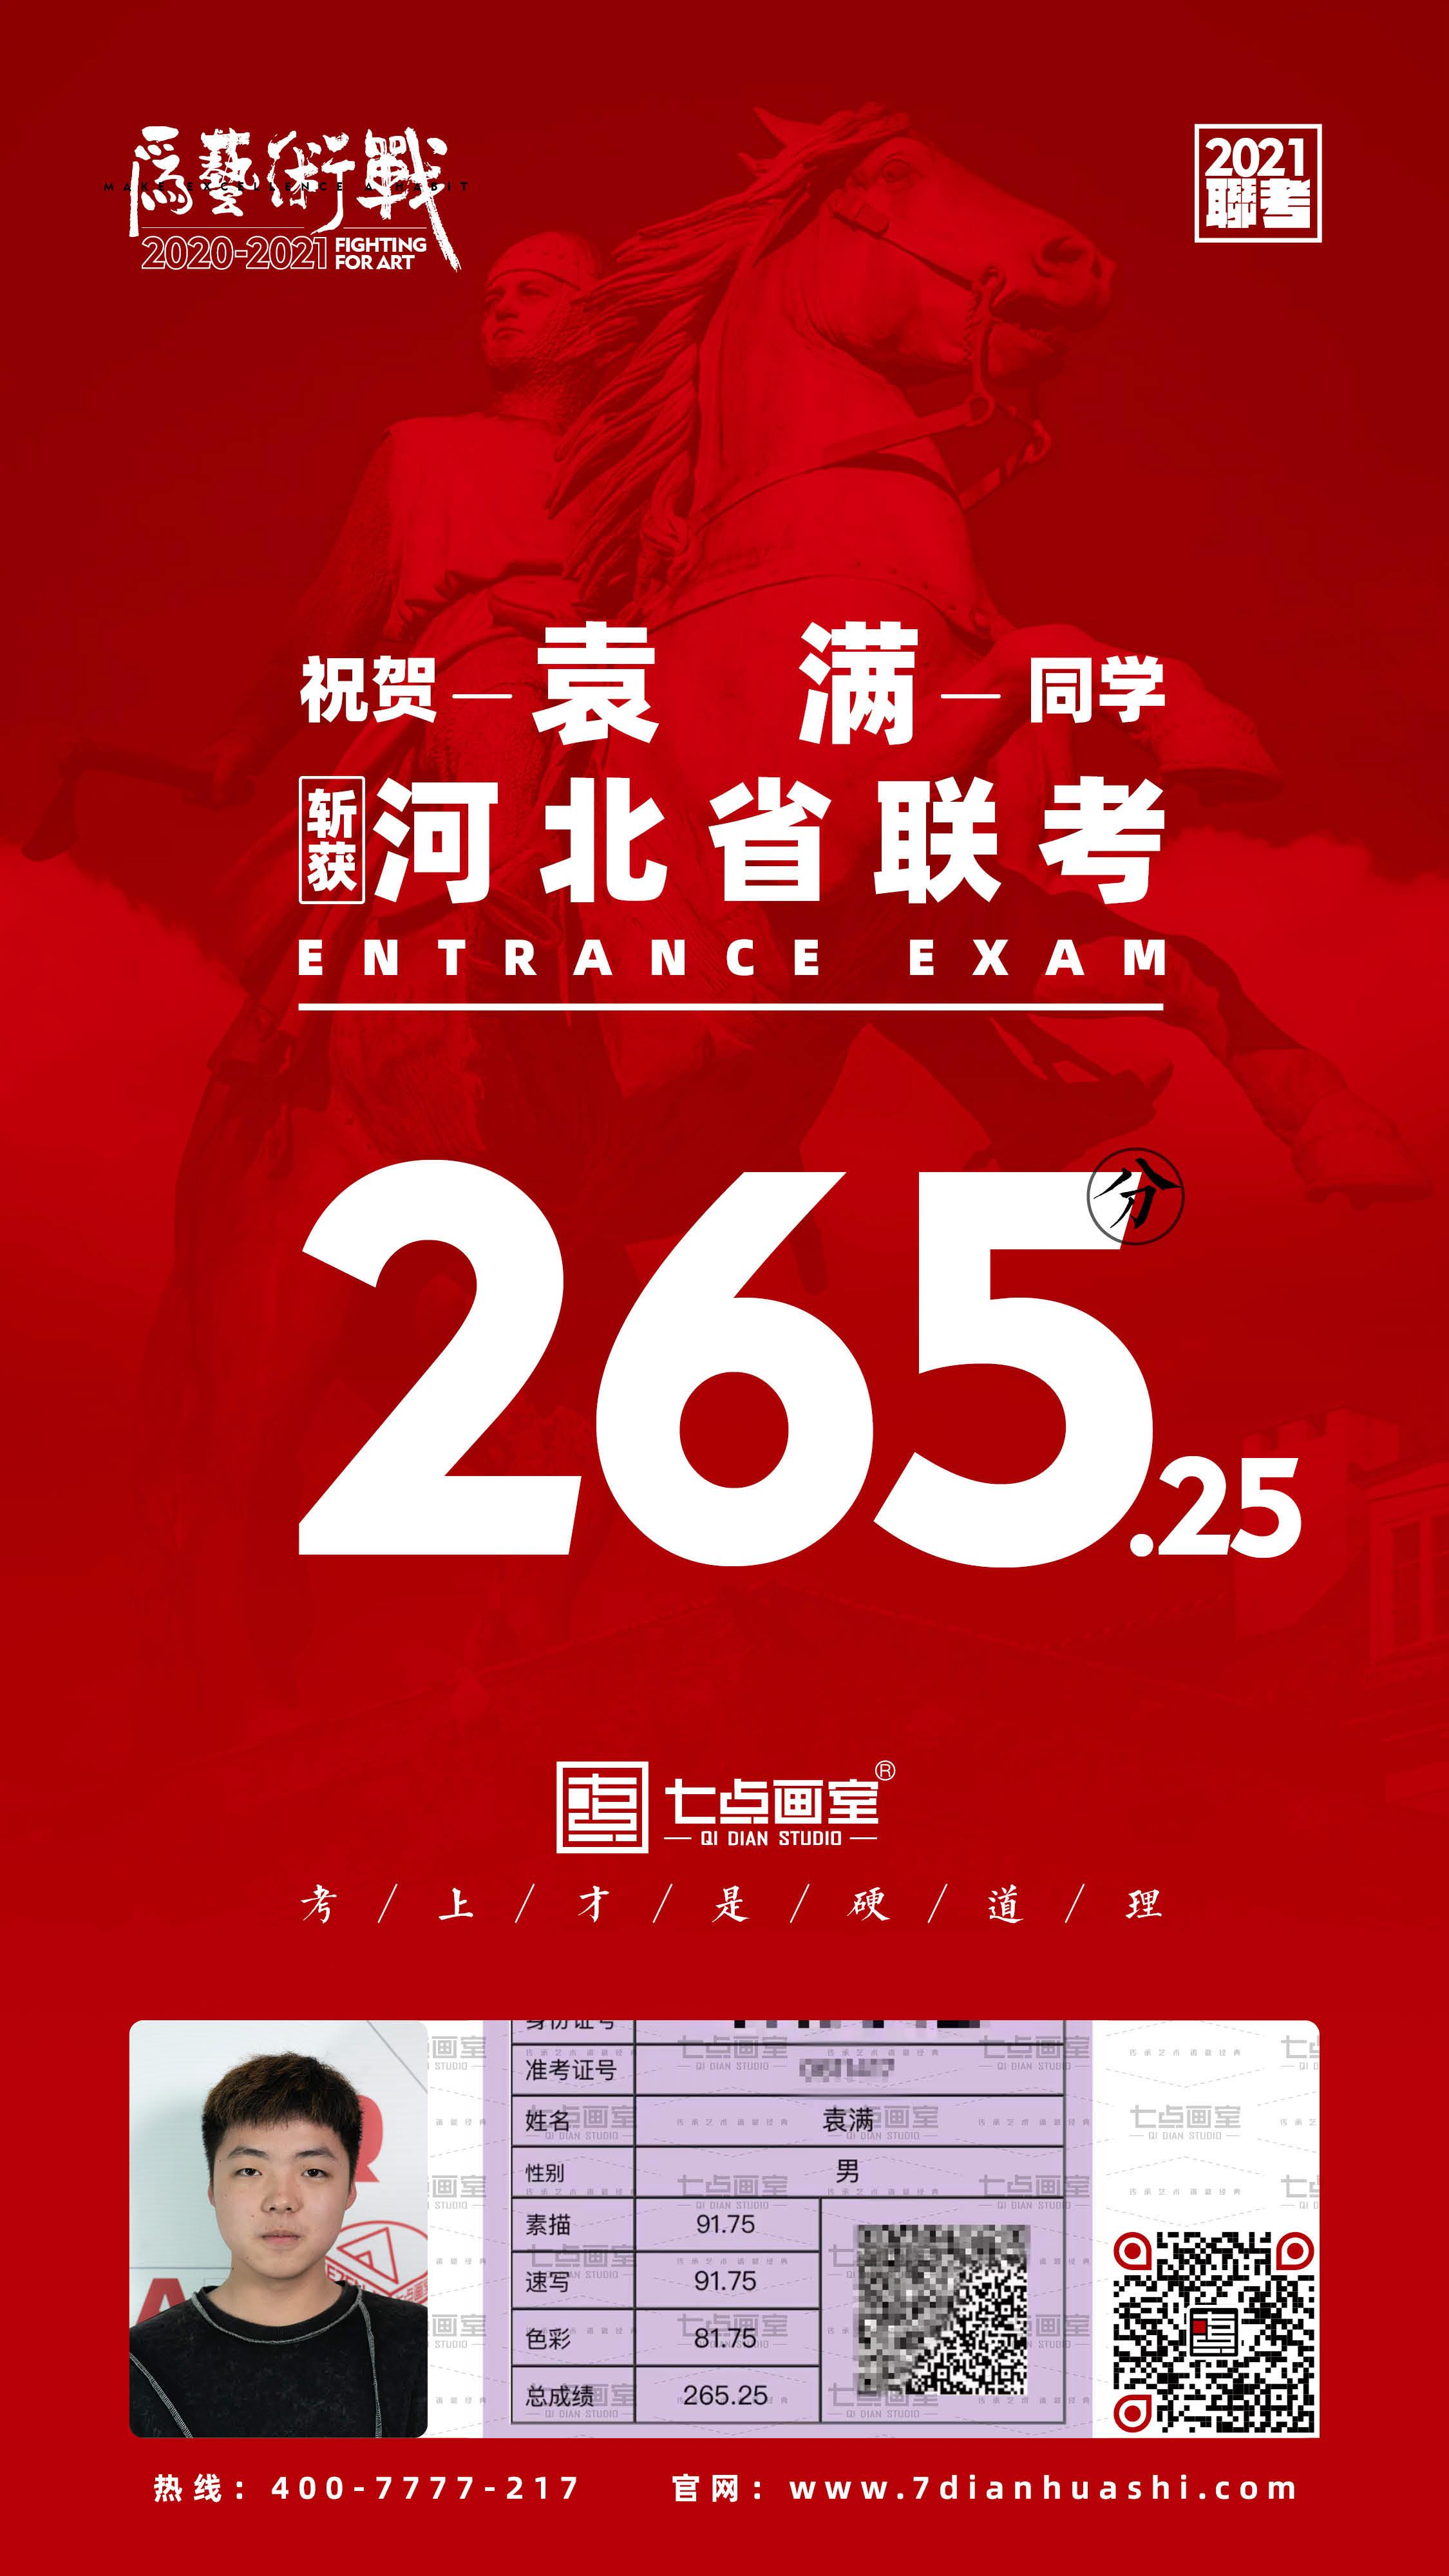 在七点逆袭成学霸,还夺得河北联考265.25高分——七点应届学员袁满专访